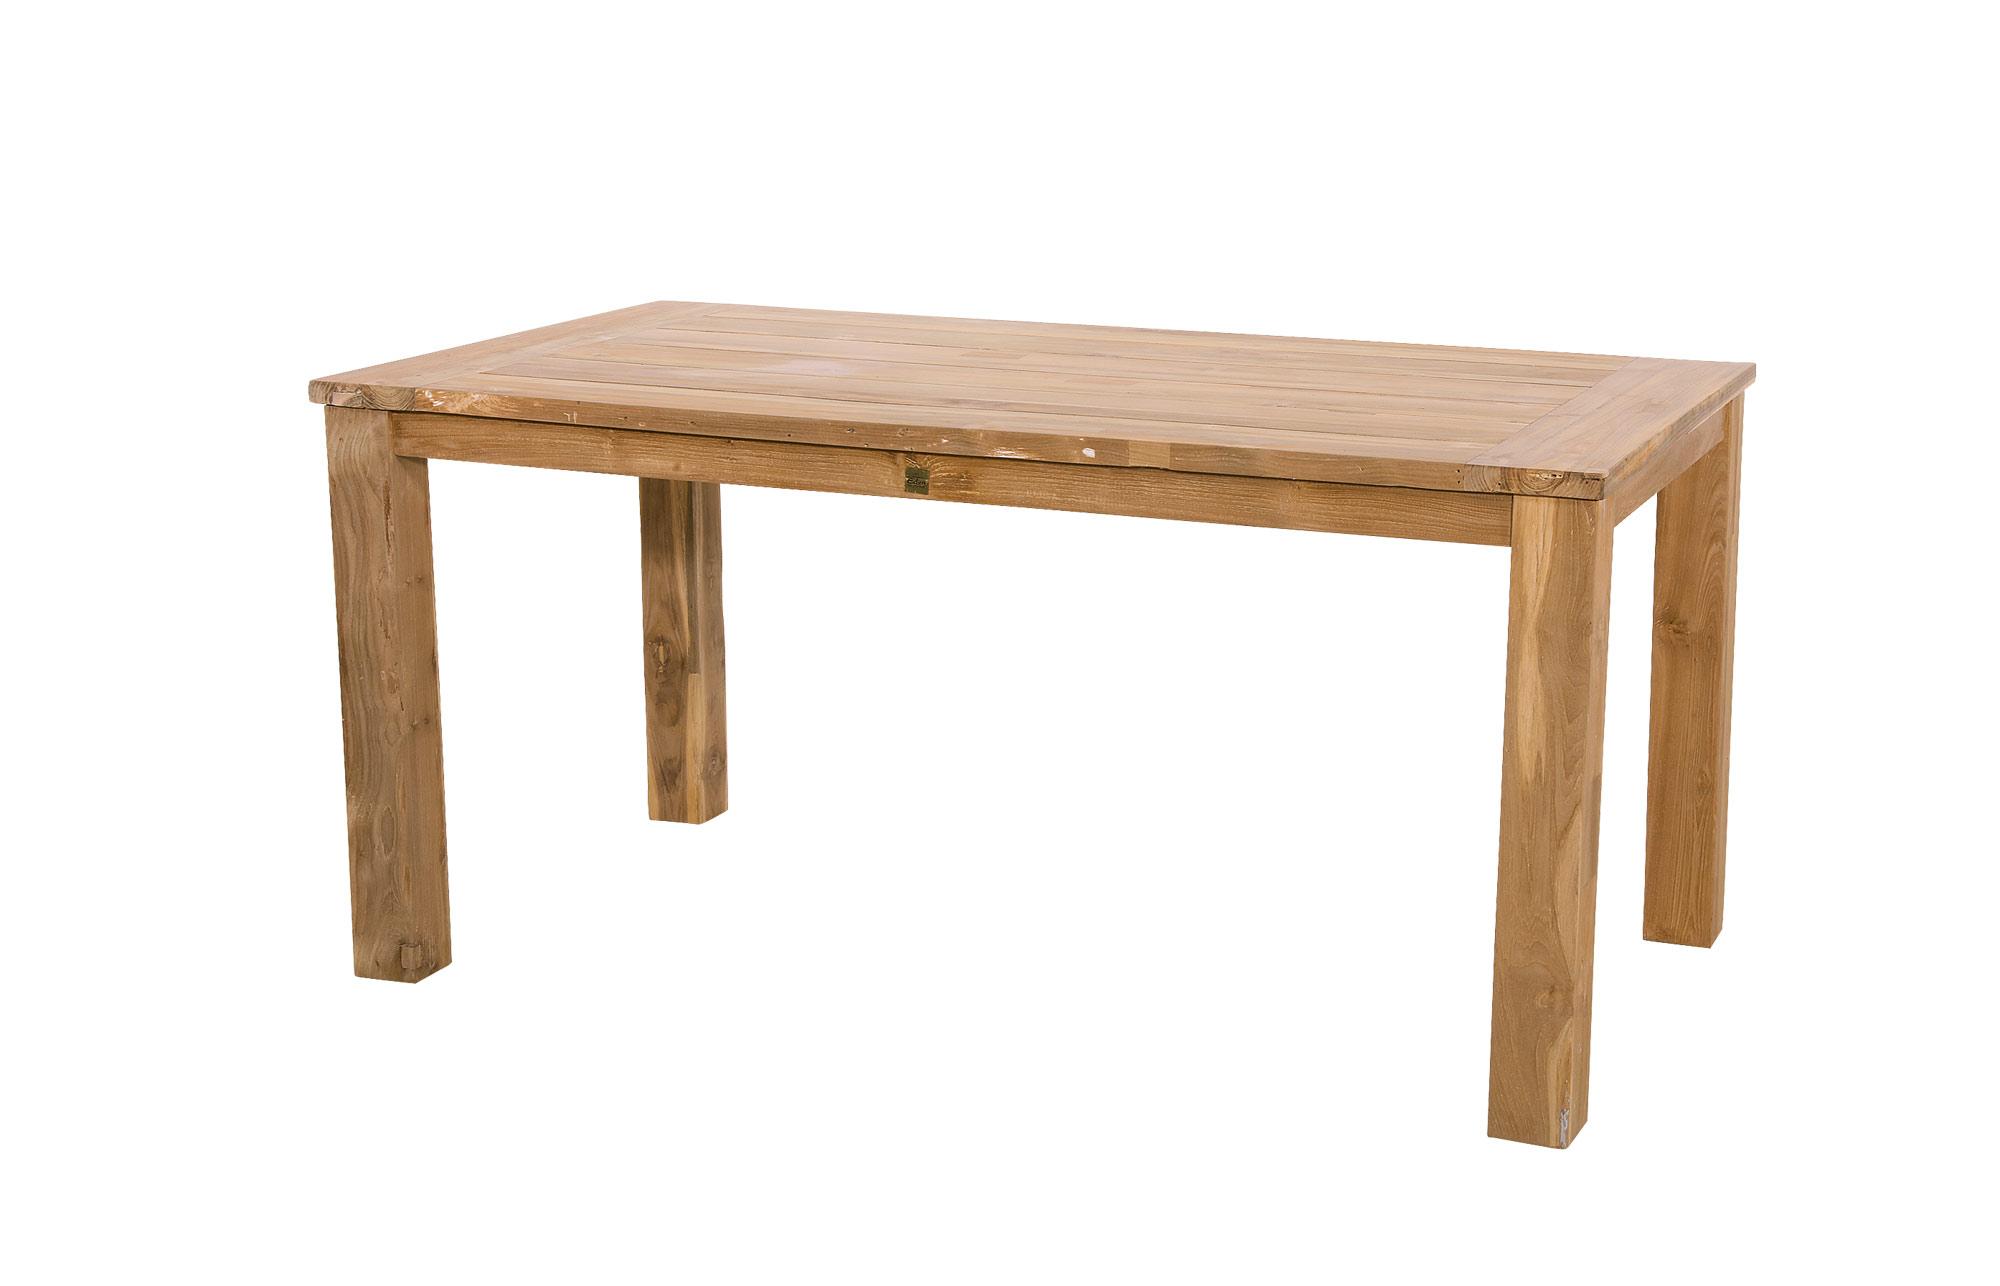 Lifestyle4Living Gartentisch aus recycelten Teakholz mit Säulenfüßen, Maße: B/H/T ca. 180/76/90 cm